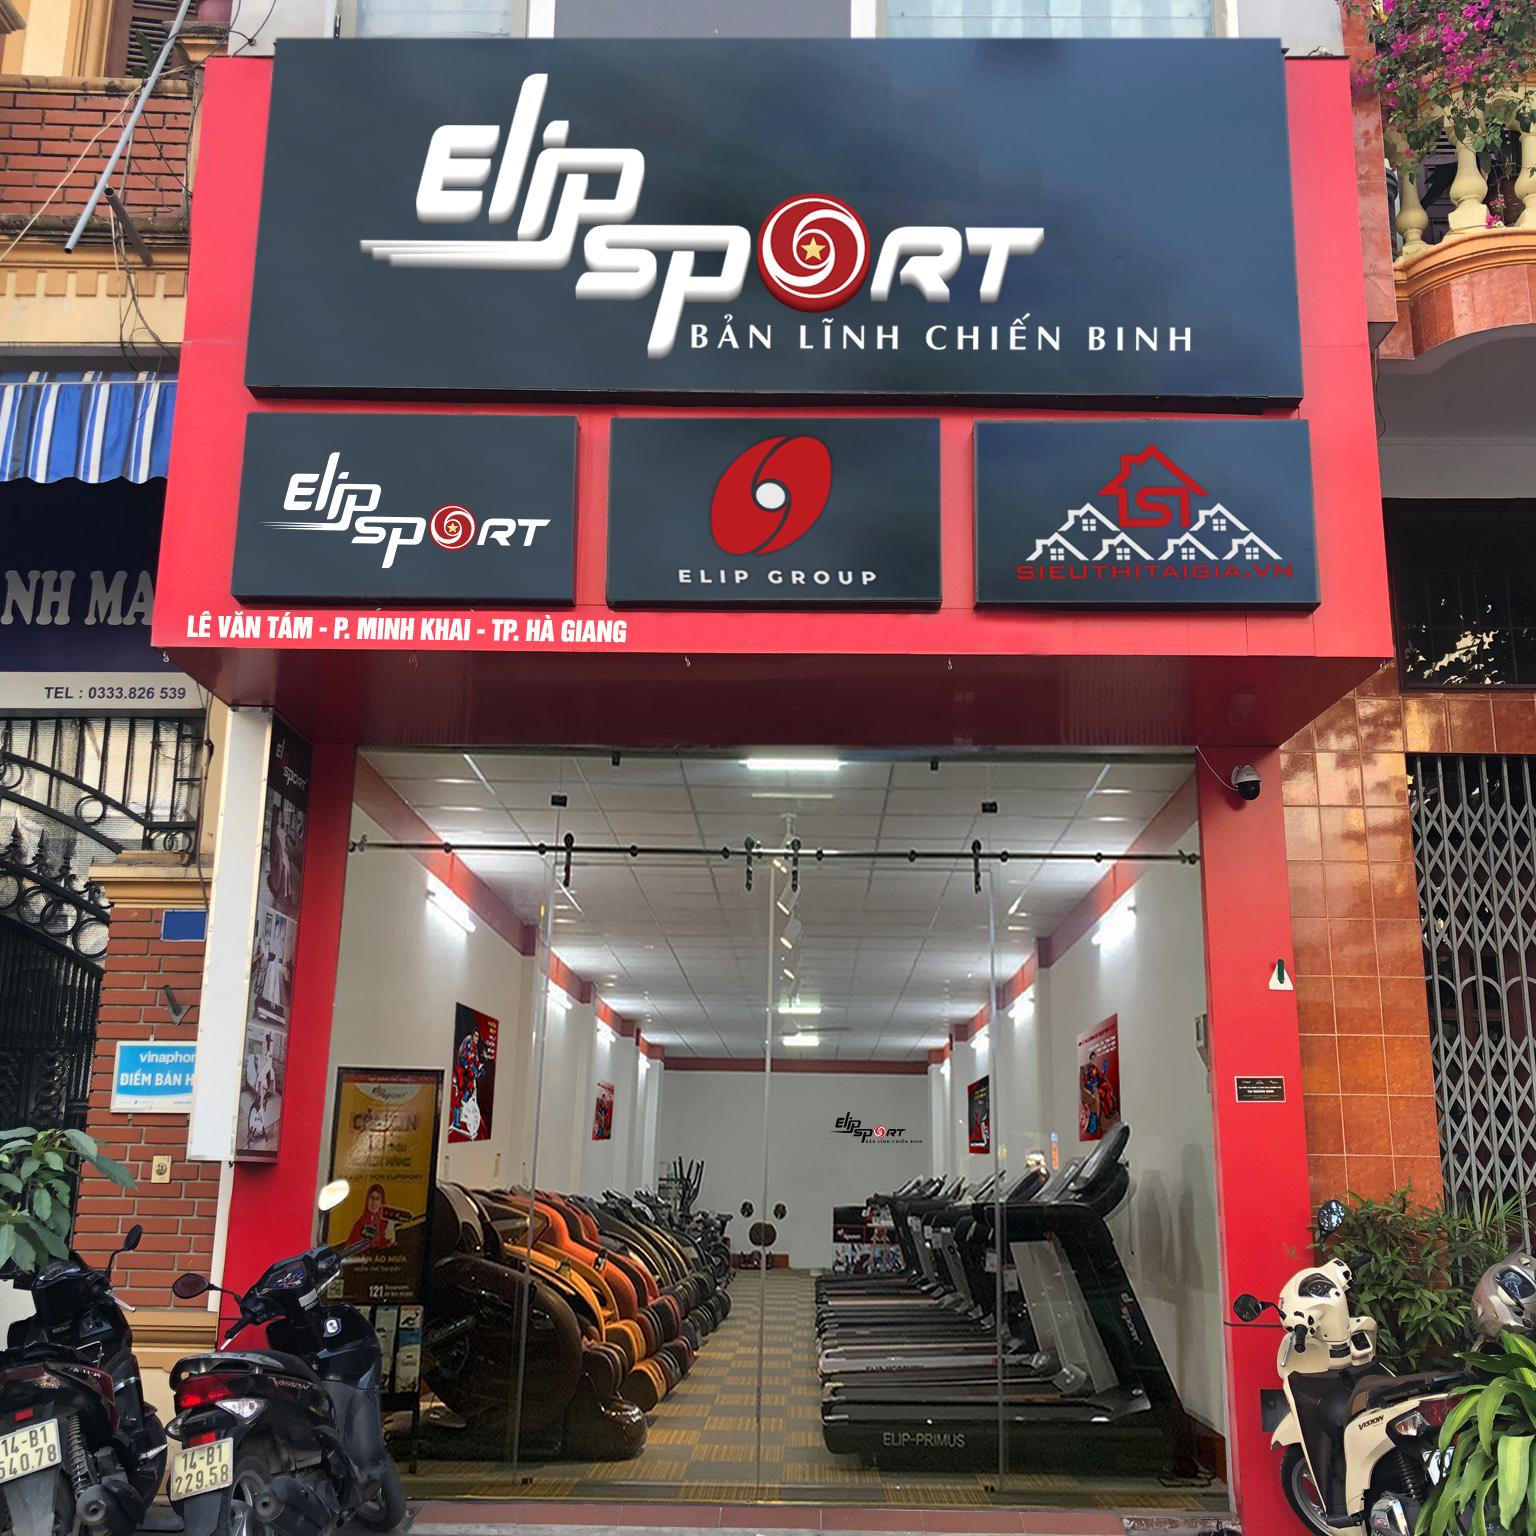 Hình ảnh của chi nhánh Elipsport - Hà Giang